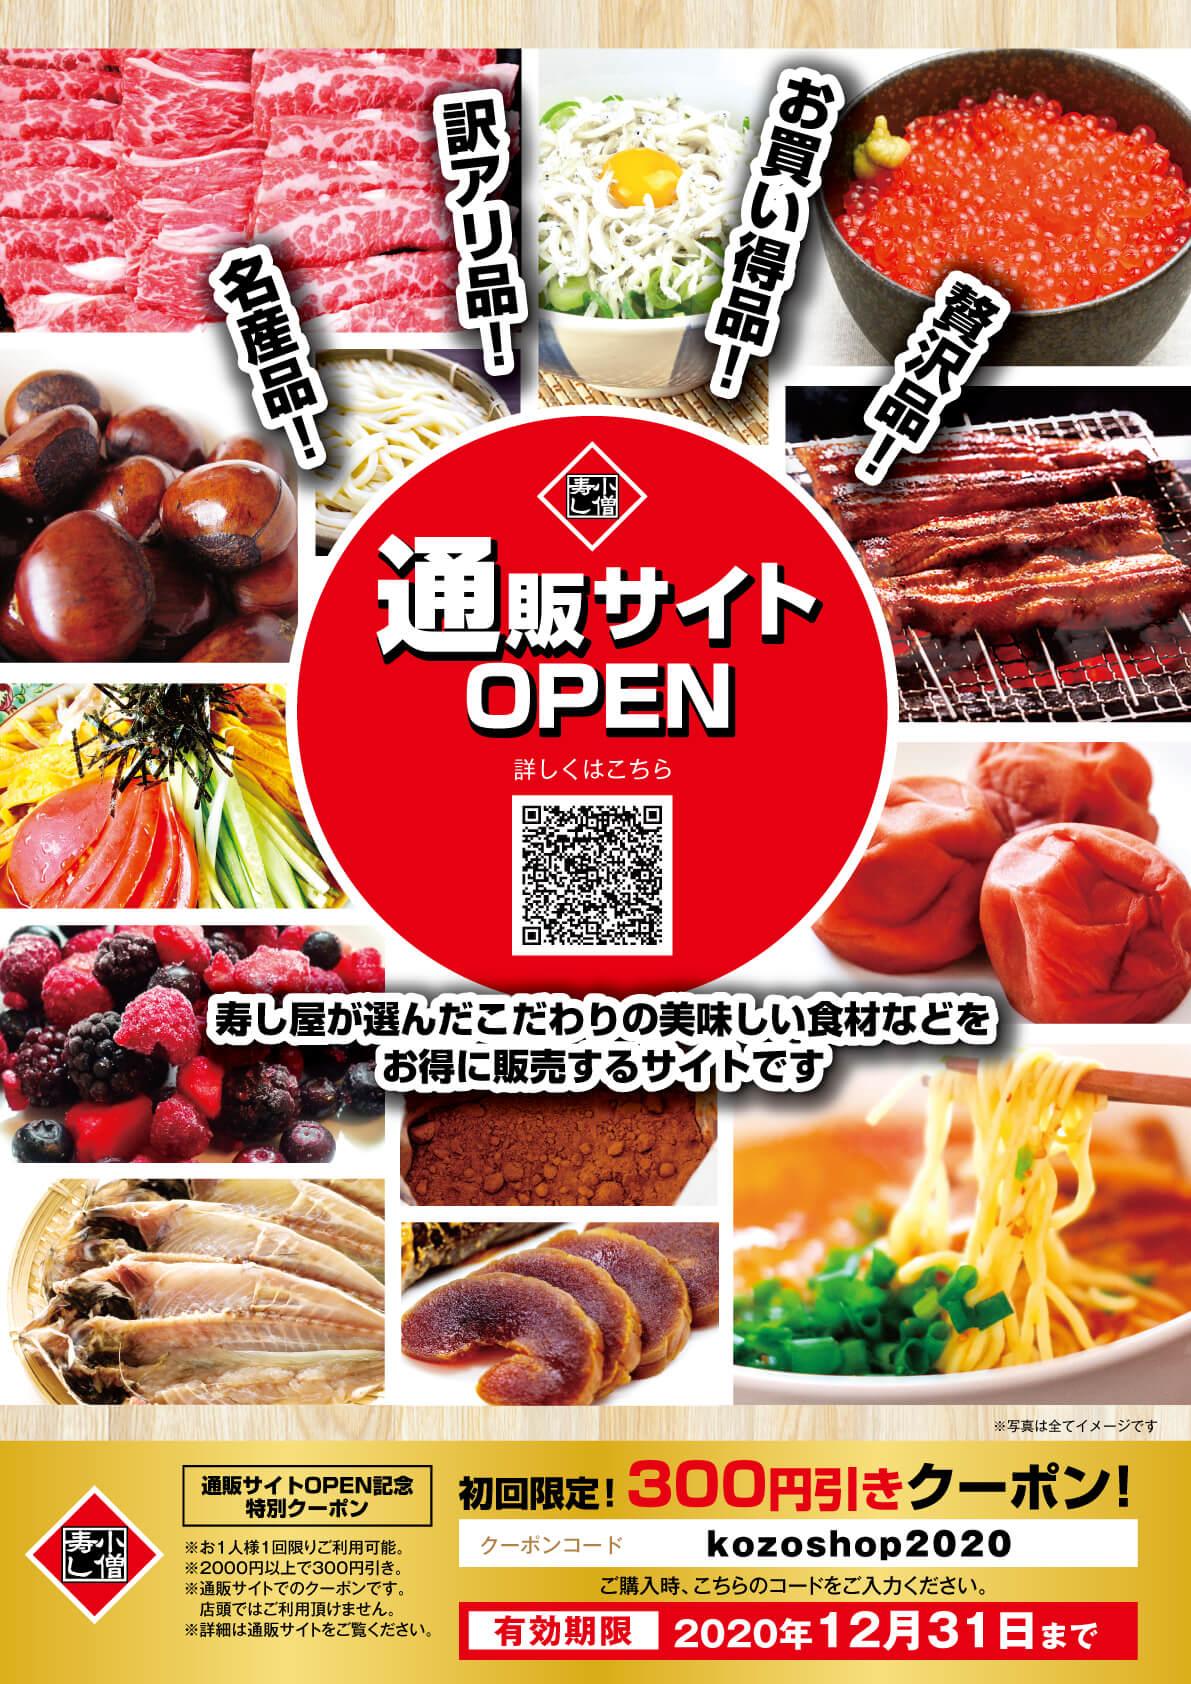 『 小僧寿しEC店 』 2020年7月1日(水)OPEN!『全国の美味しい食材』をお得に販売する通販サイト